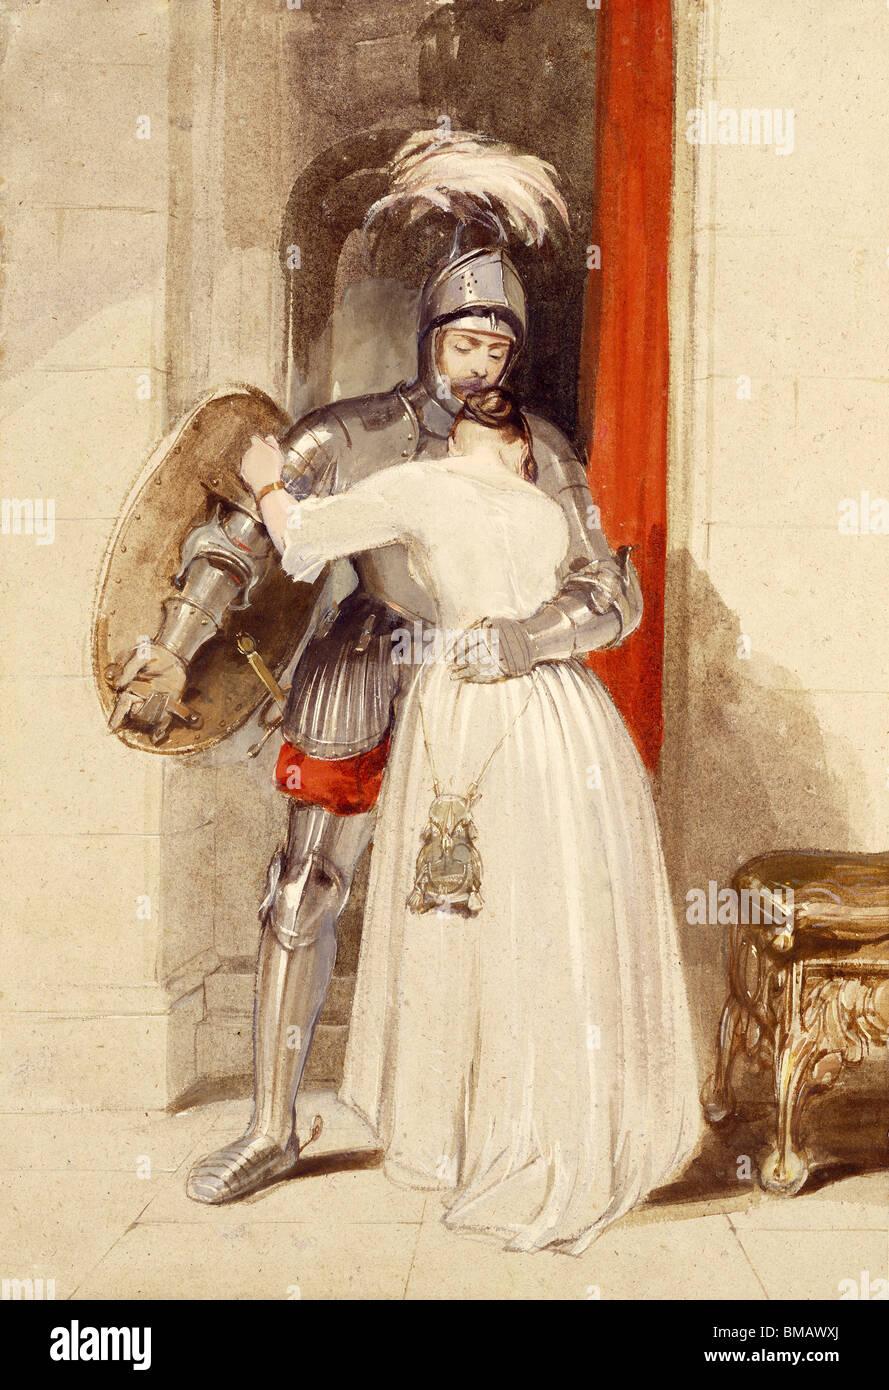 Signora Knight, da George Cattermole. Inghilterra, secolo XIX Immagini Stock